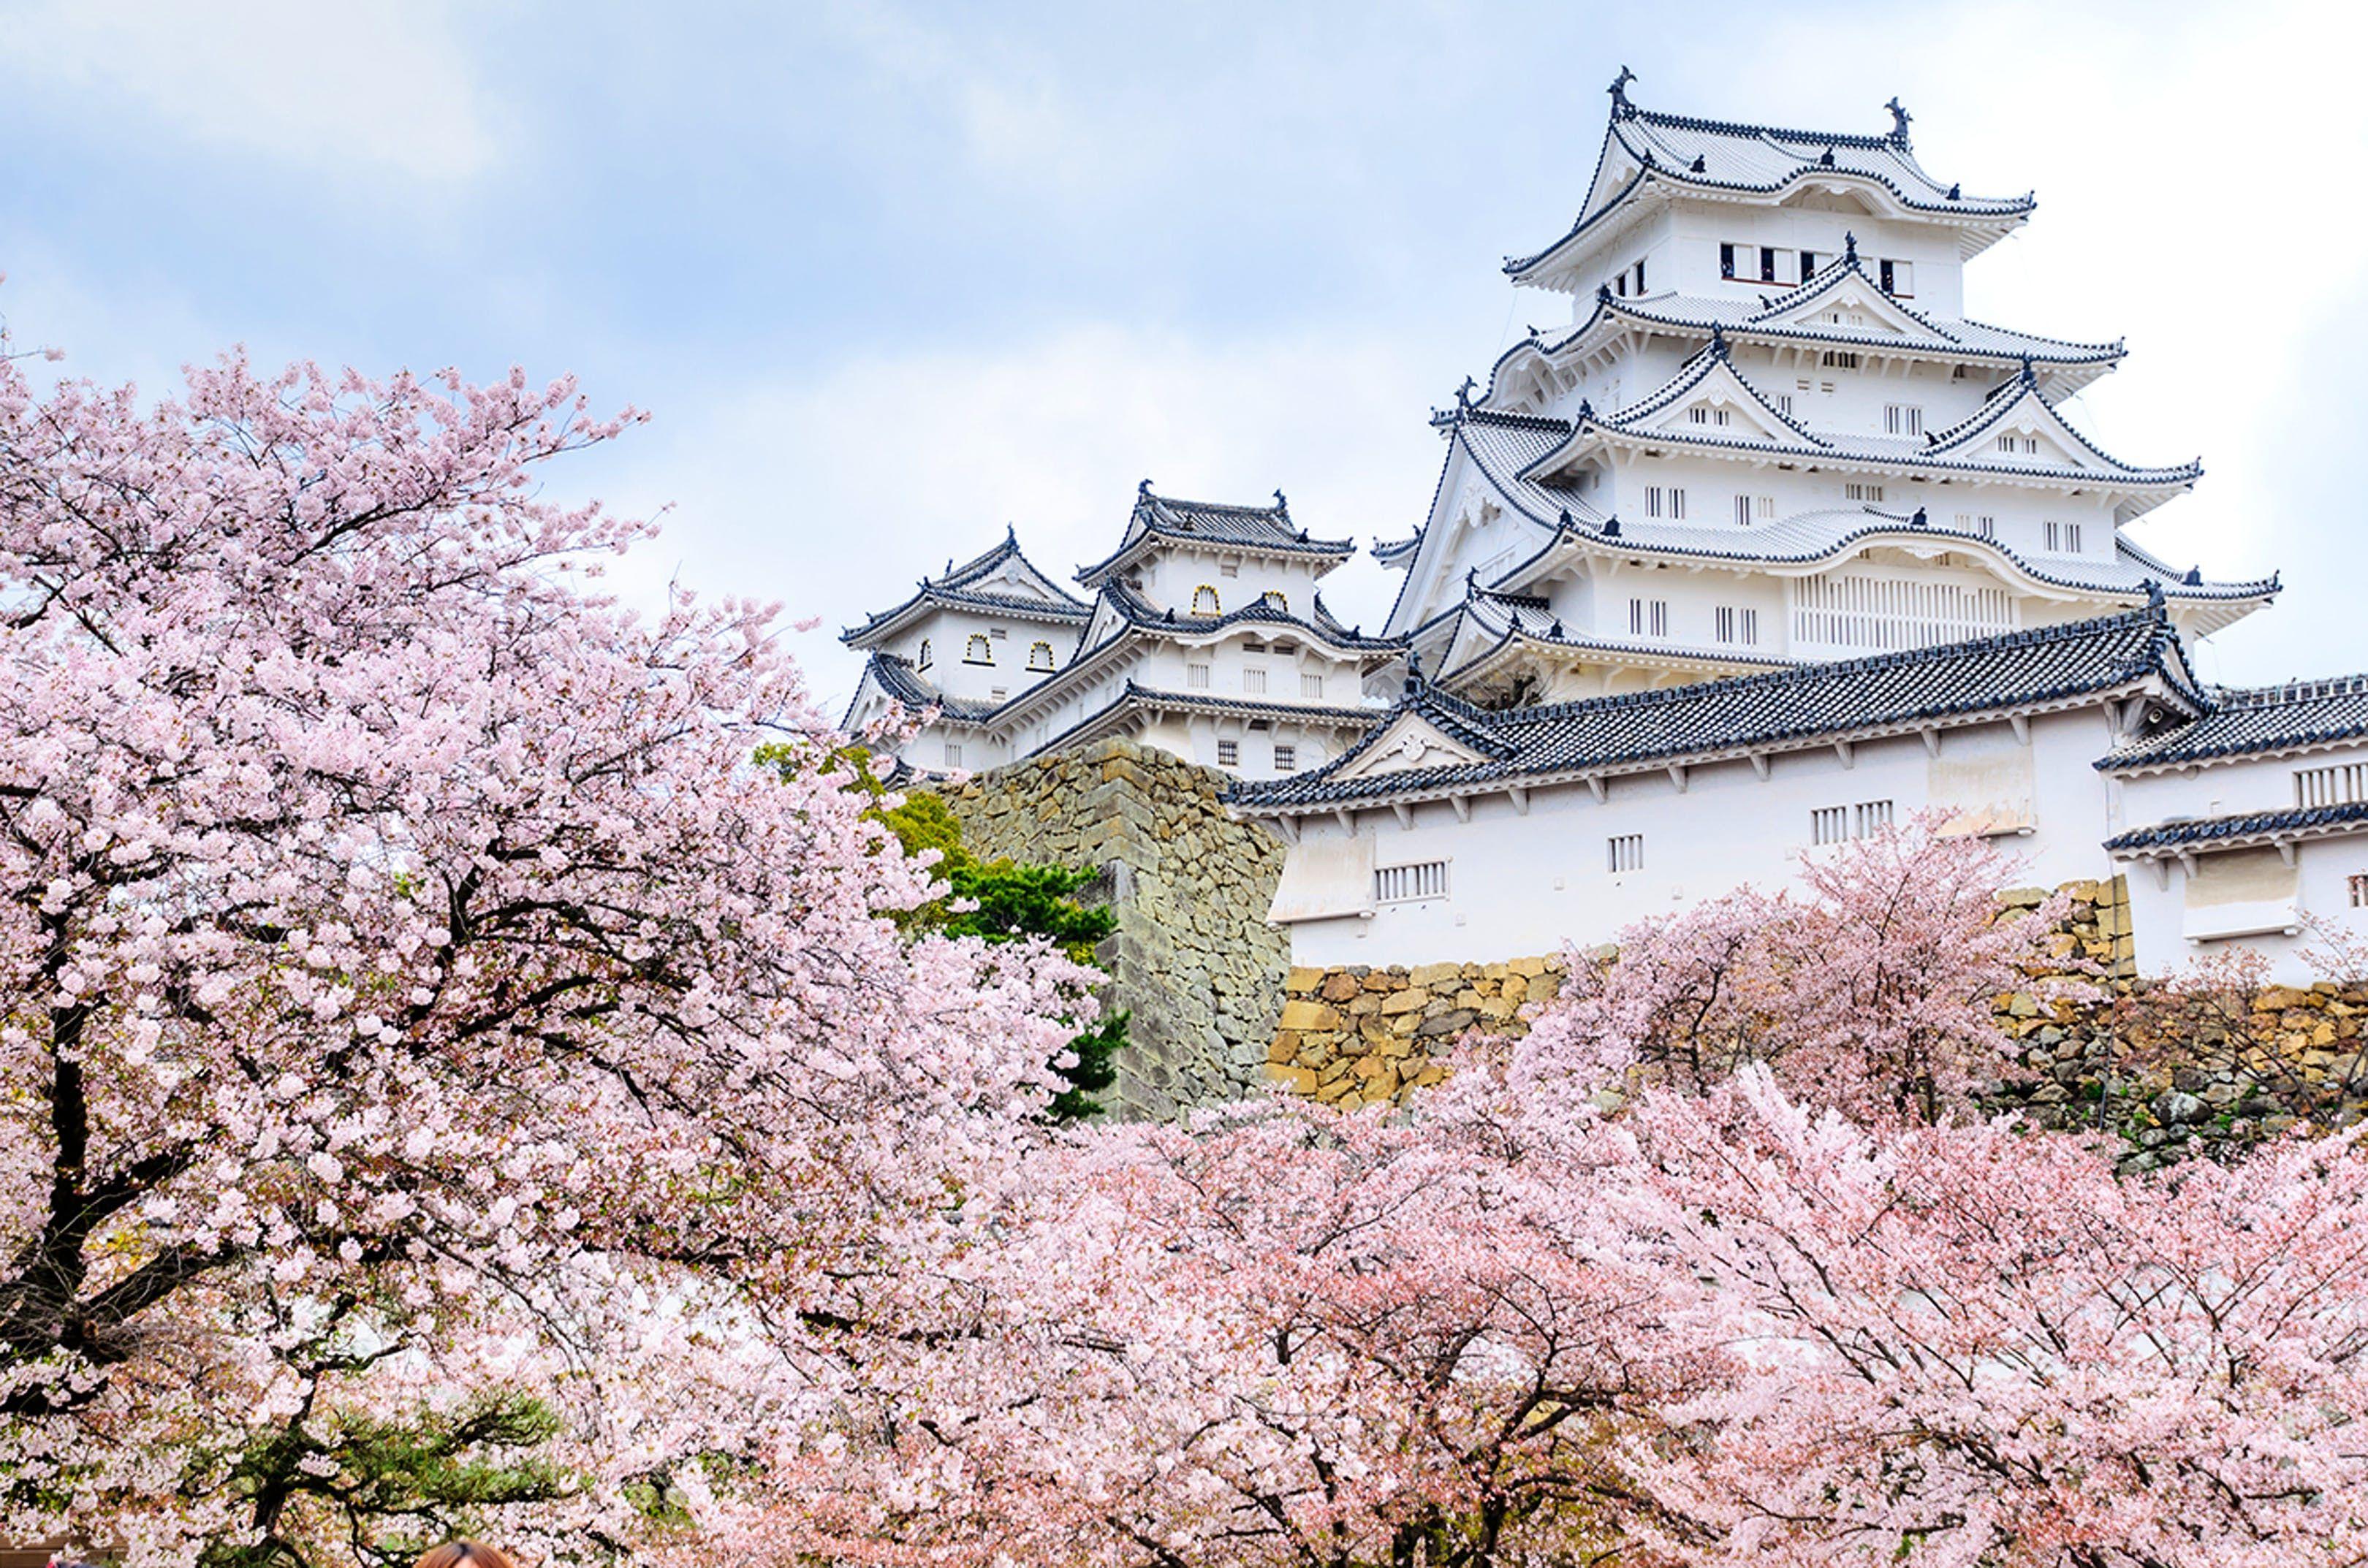 The Everything Guide To Cherry Blossom Season In Japan Cherry Blossom Season Cherry Blossom Japan Cherry Blossom Festival